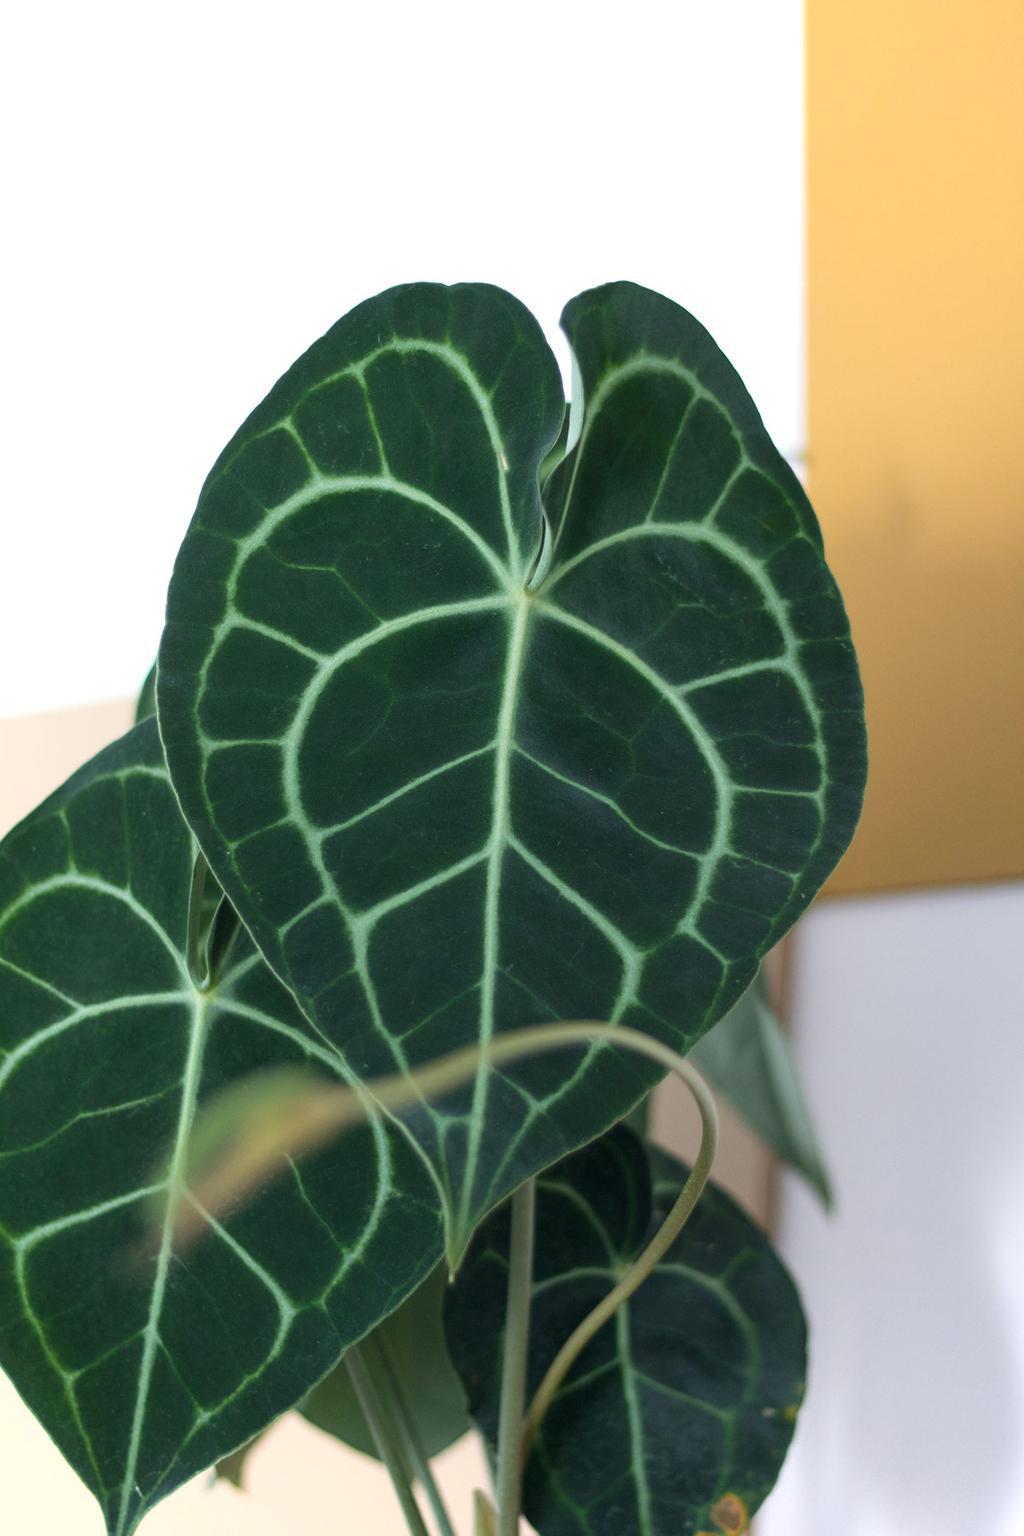 In de blog van Marij Hessel van My Attic vertelt ze over de bladeren van plant Anthurium Clarinervium.